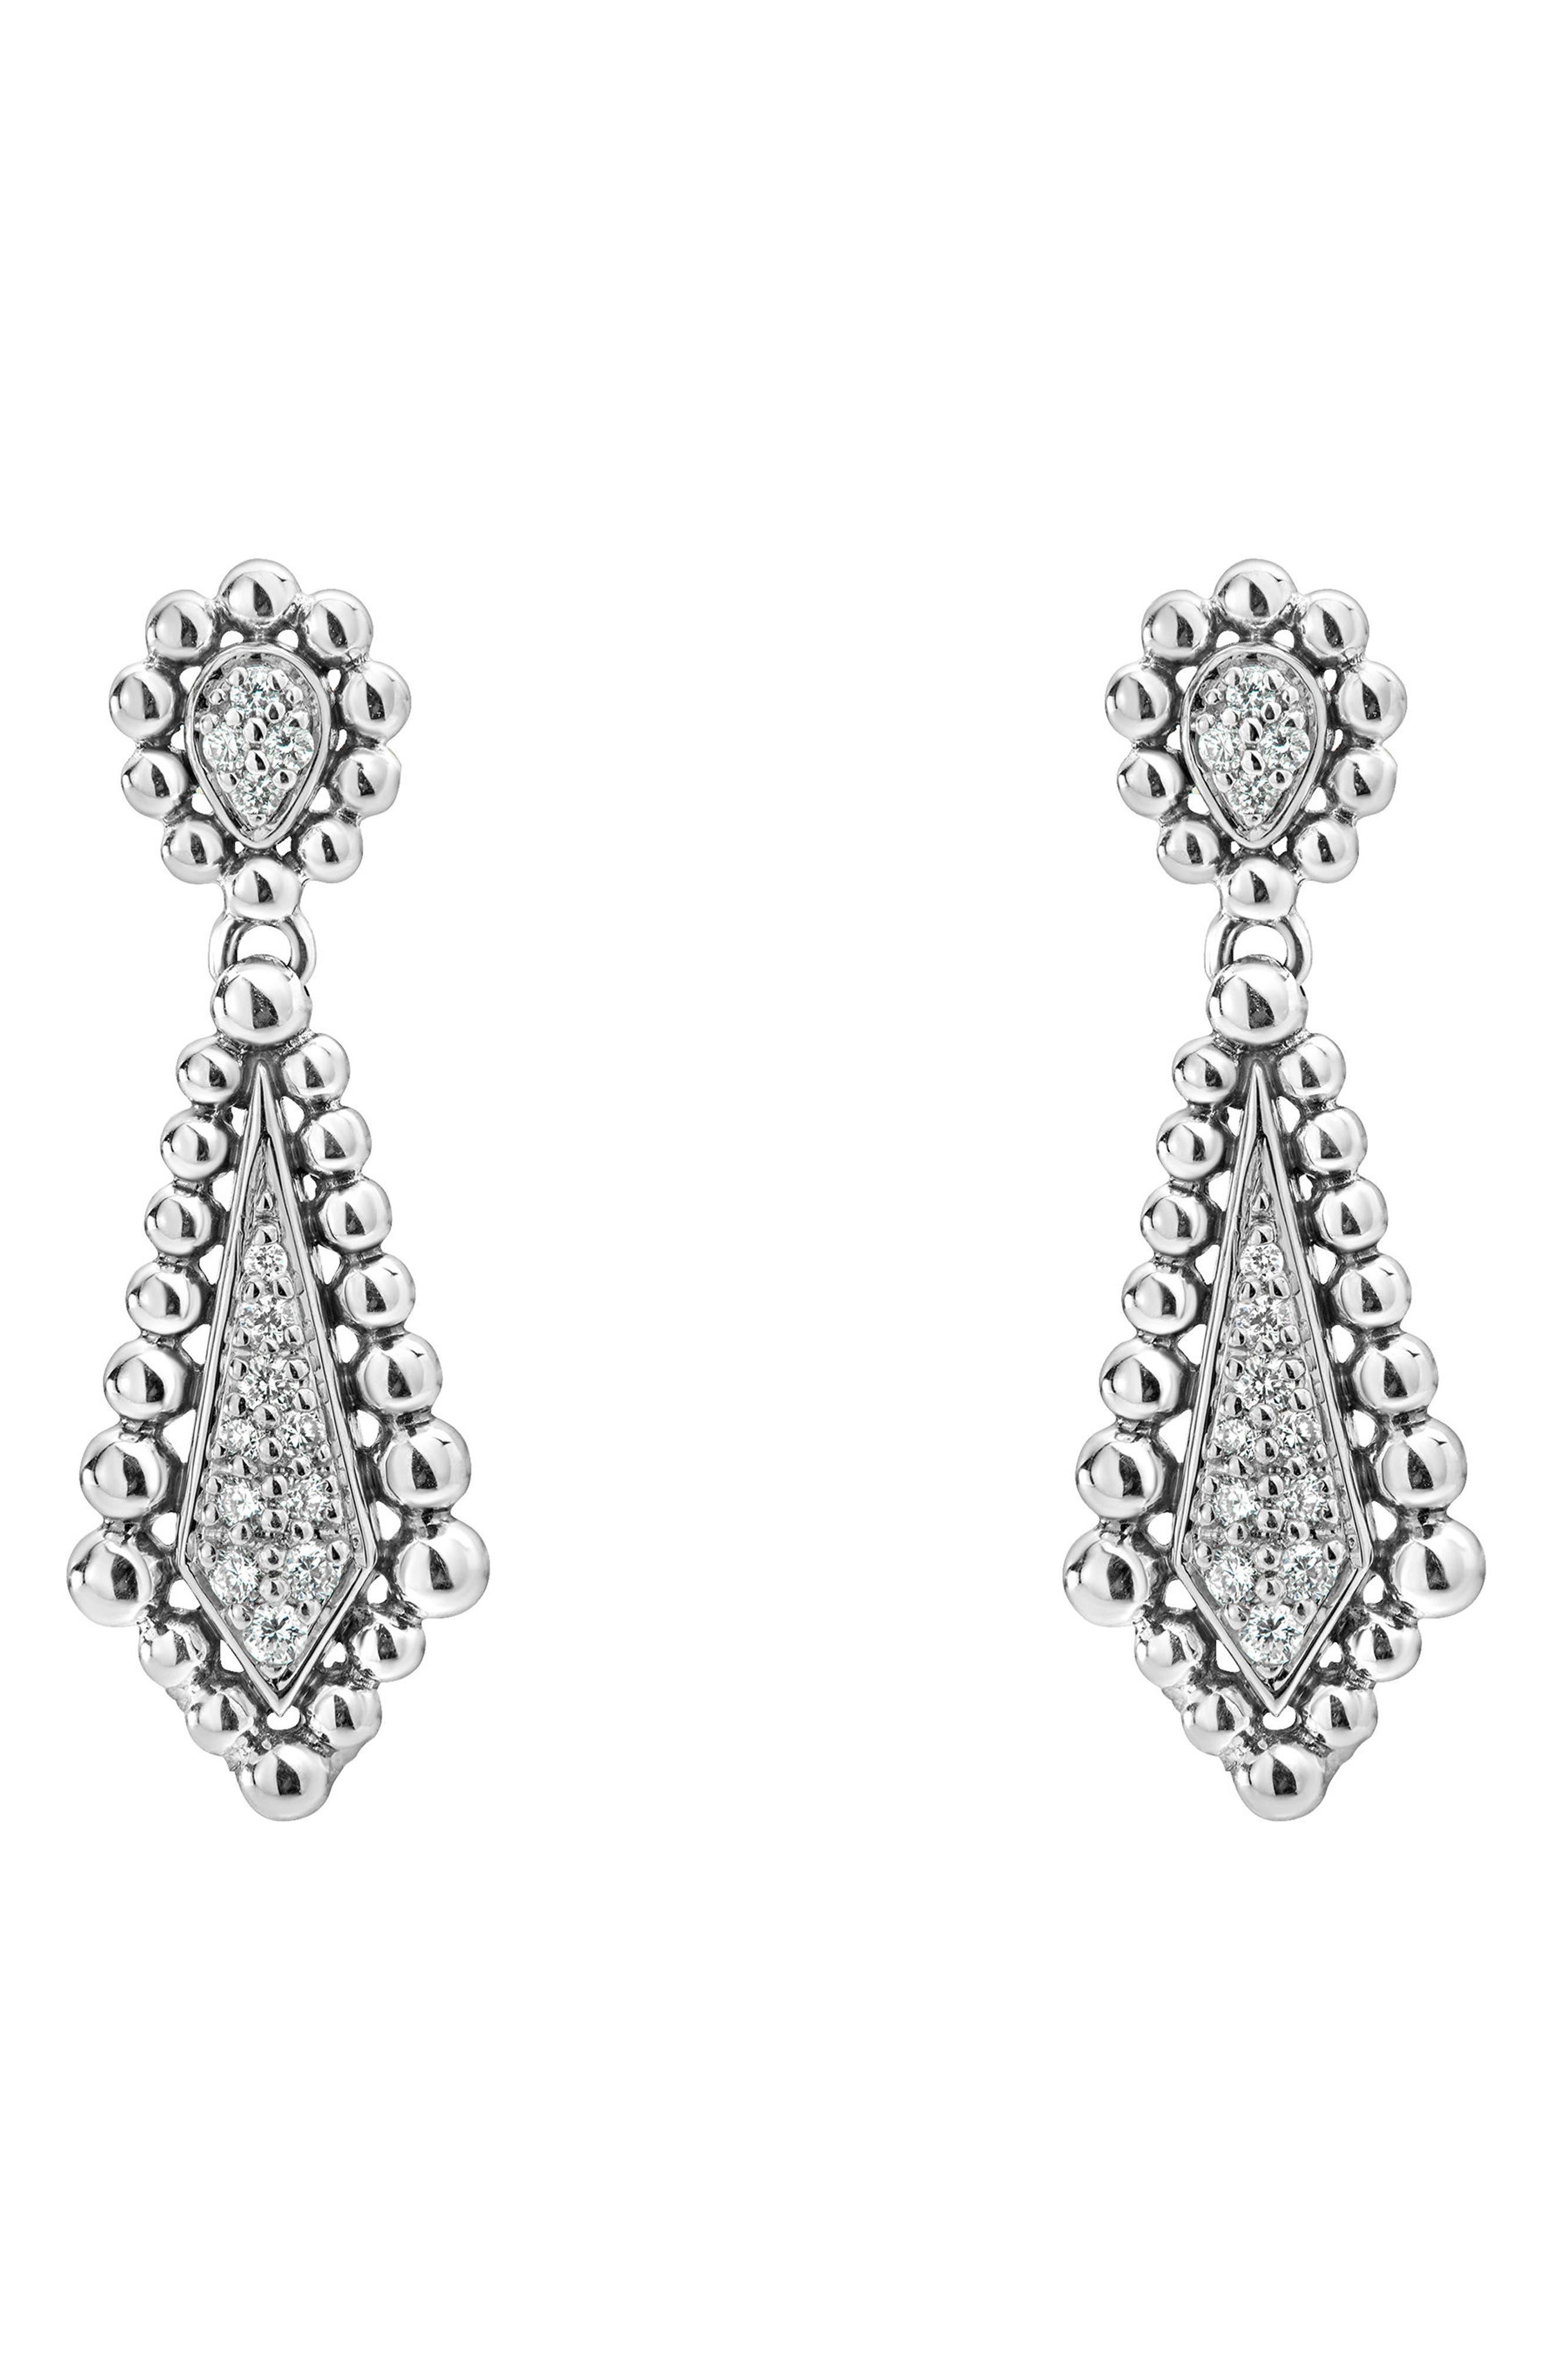 Caviar Spark Diamond Earrings,                             Main thumbnail 1, color,                             DIAMOND